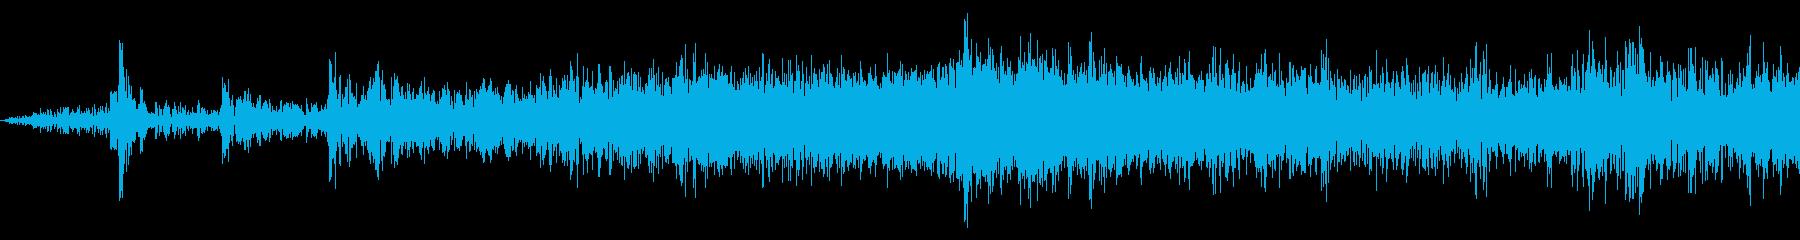 電車発車(車内で録音)の再生済みの波形